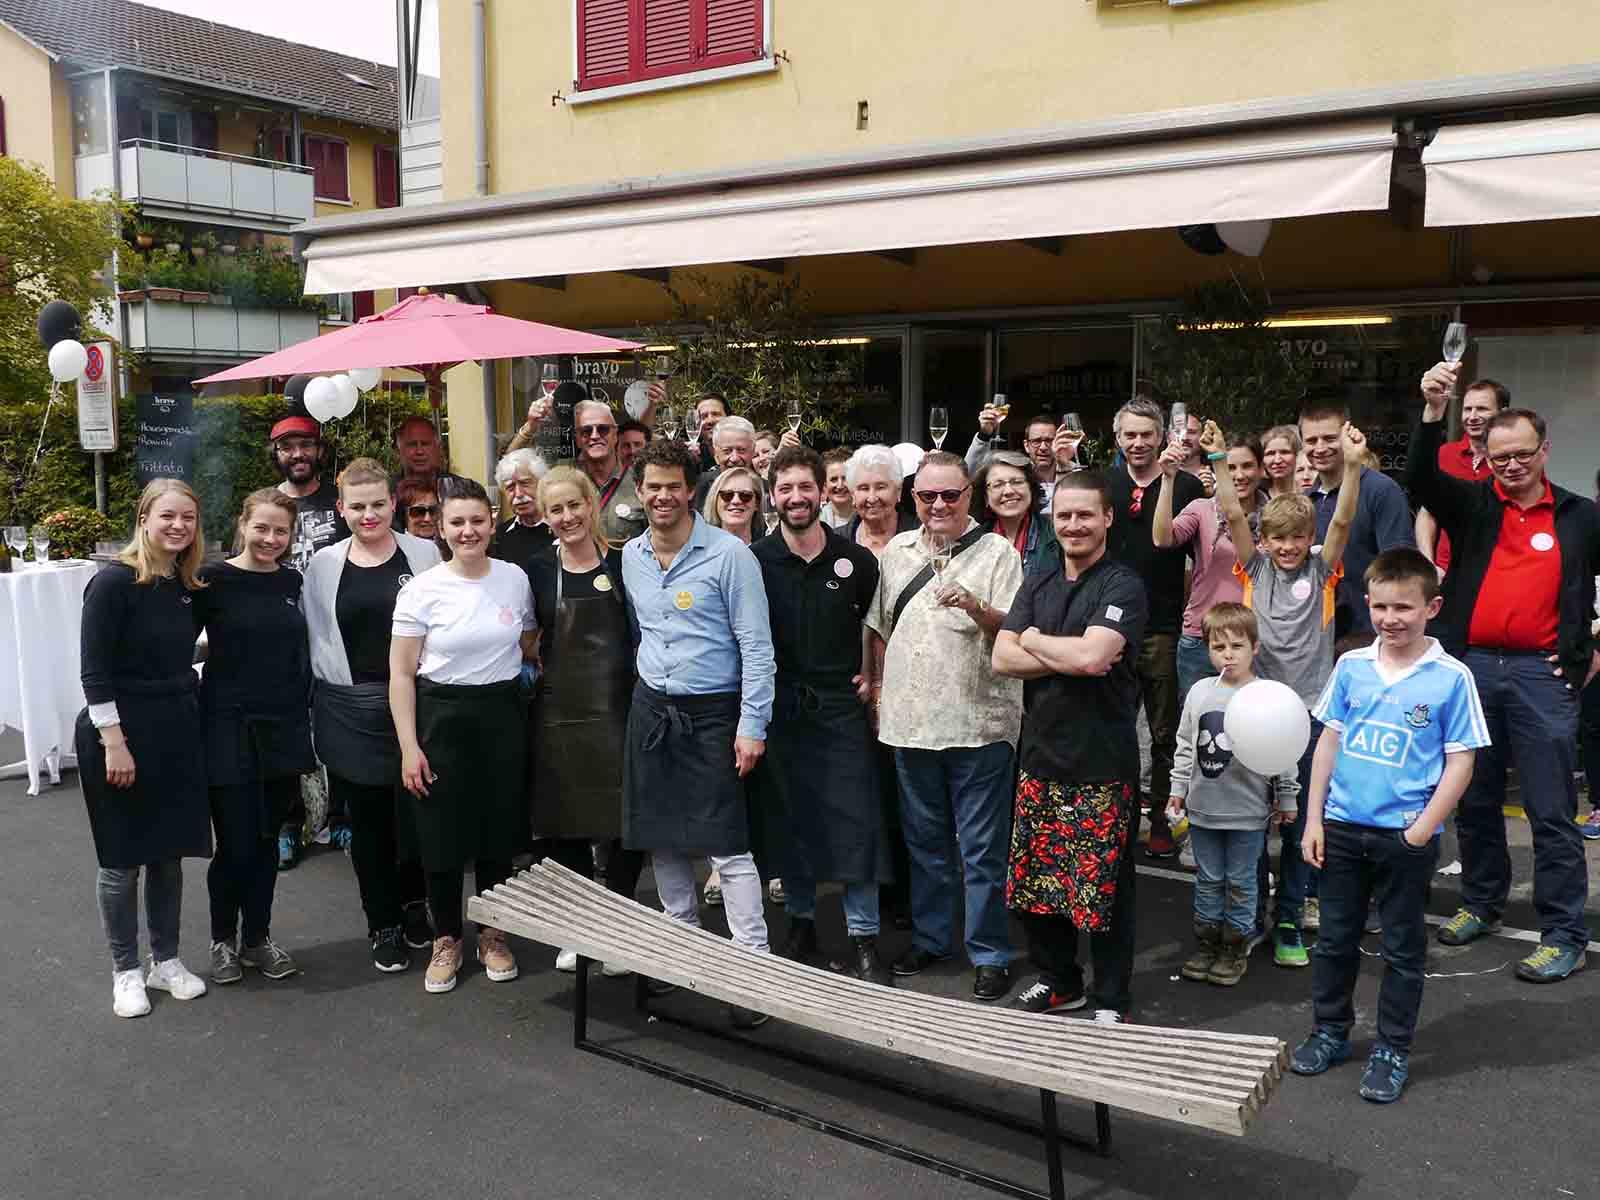 Die zehn Jahre «Bravo Ravioli» wurden gefeiert.